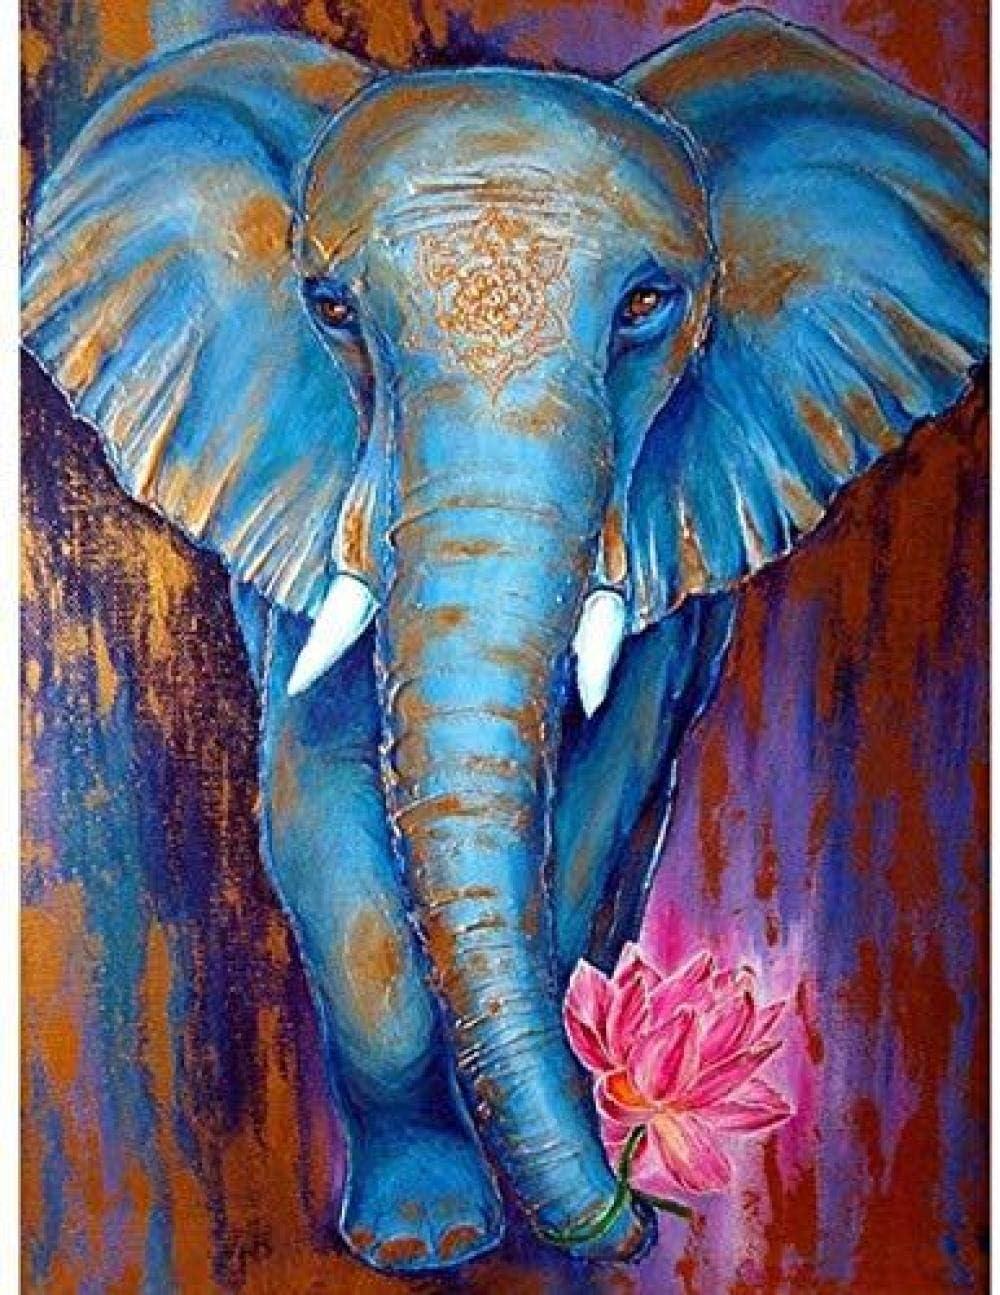 KLBPL Pintar por Numeros Adultos Elefante Animal Loto Lino Lona–DIY Pintura Al Óleo Decoracion De Pared Regalos Sin Marco 40,6X50,8 Cm con Pinturas Acrílicas Y 3 Pinceles